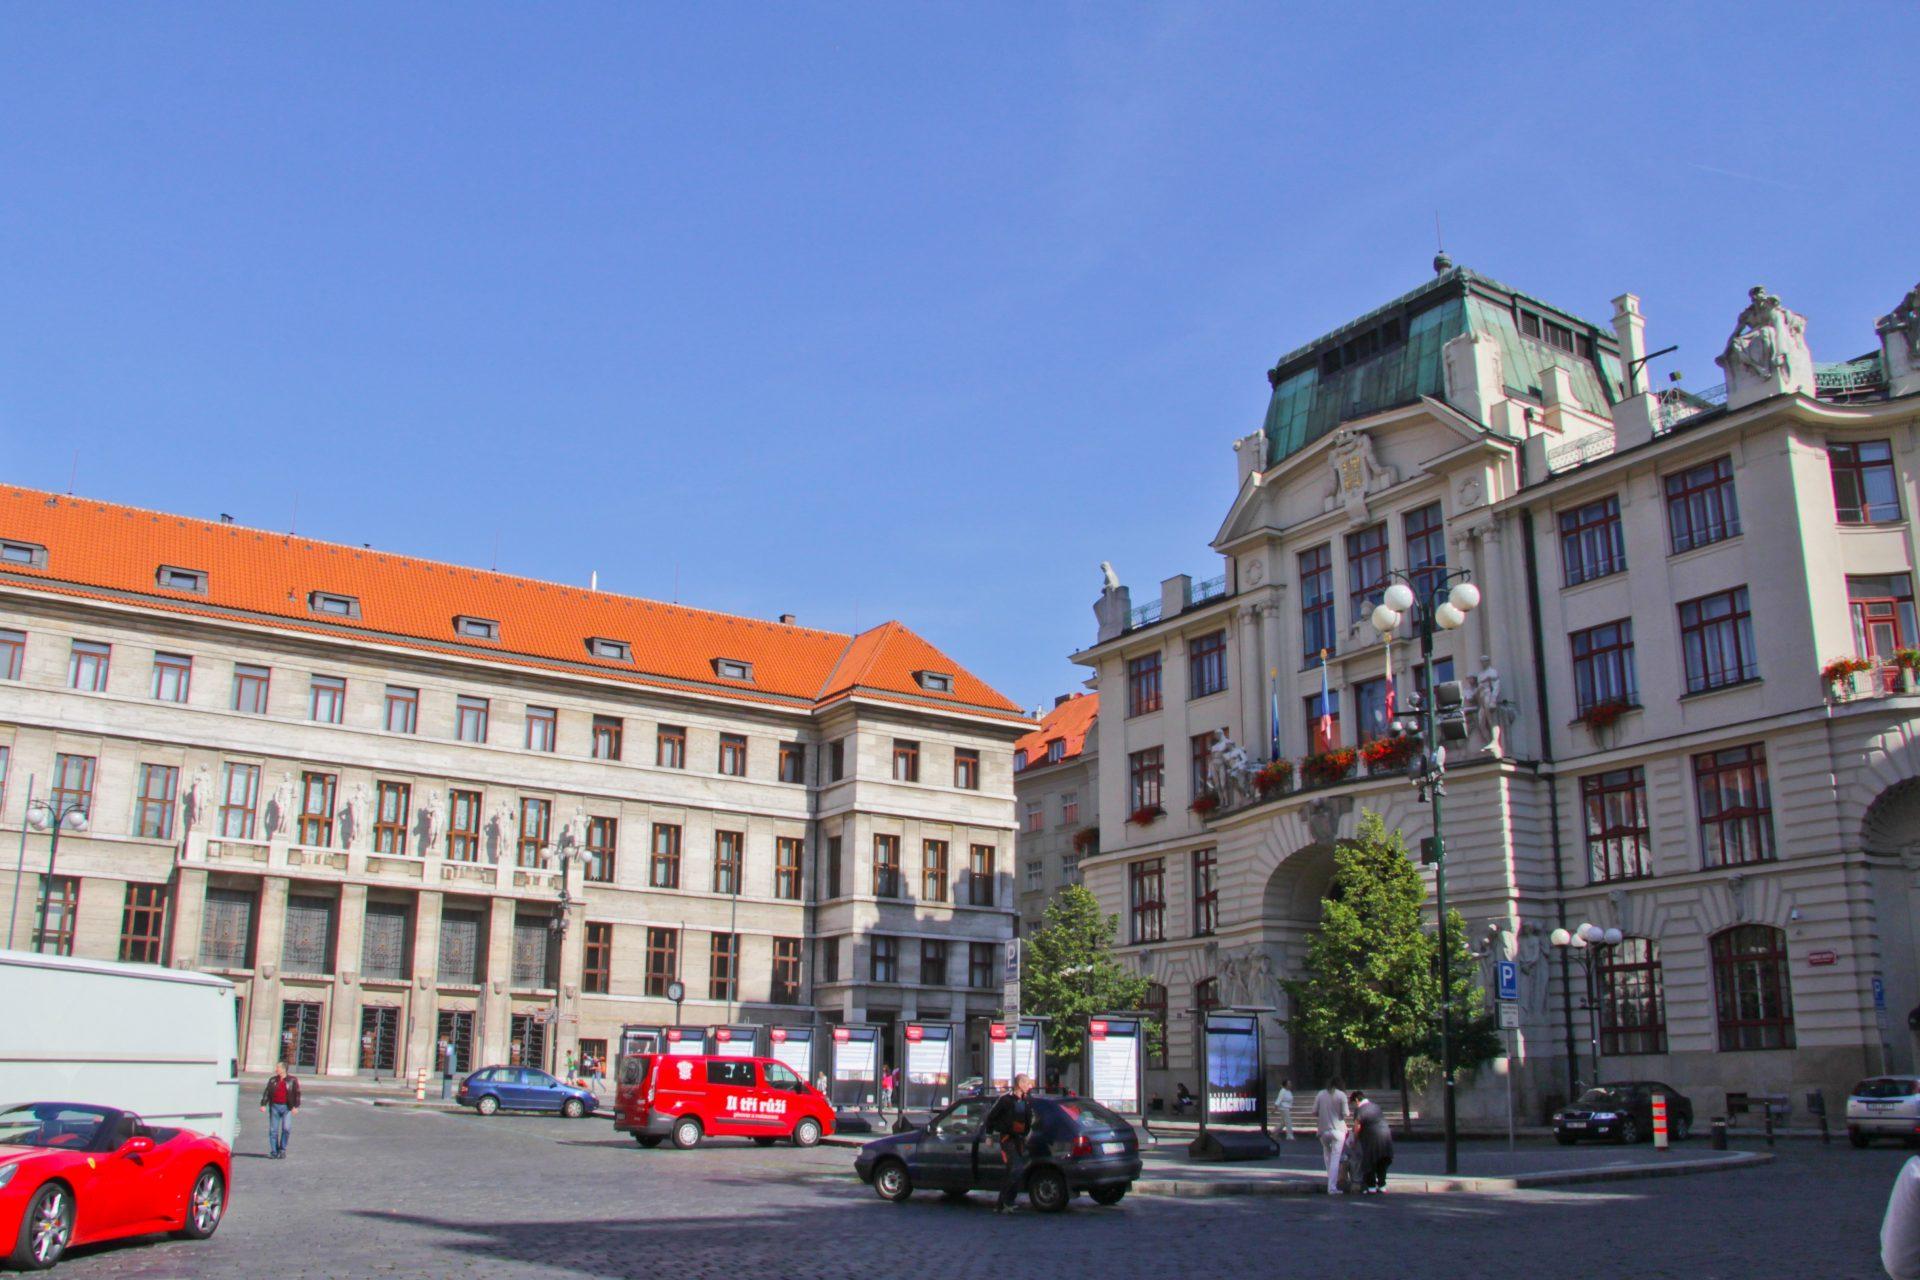 Новая ратуша, Прага, Чехия. Сентябрь, 2014